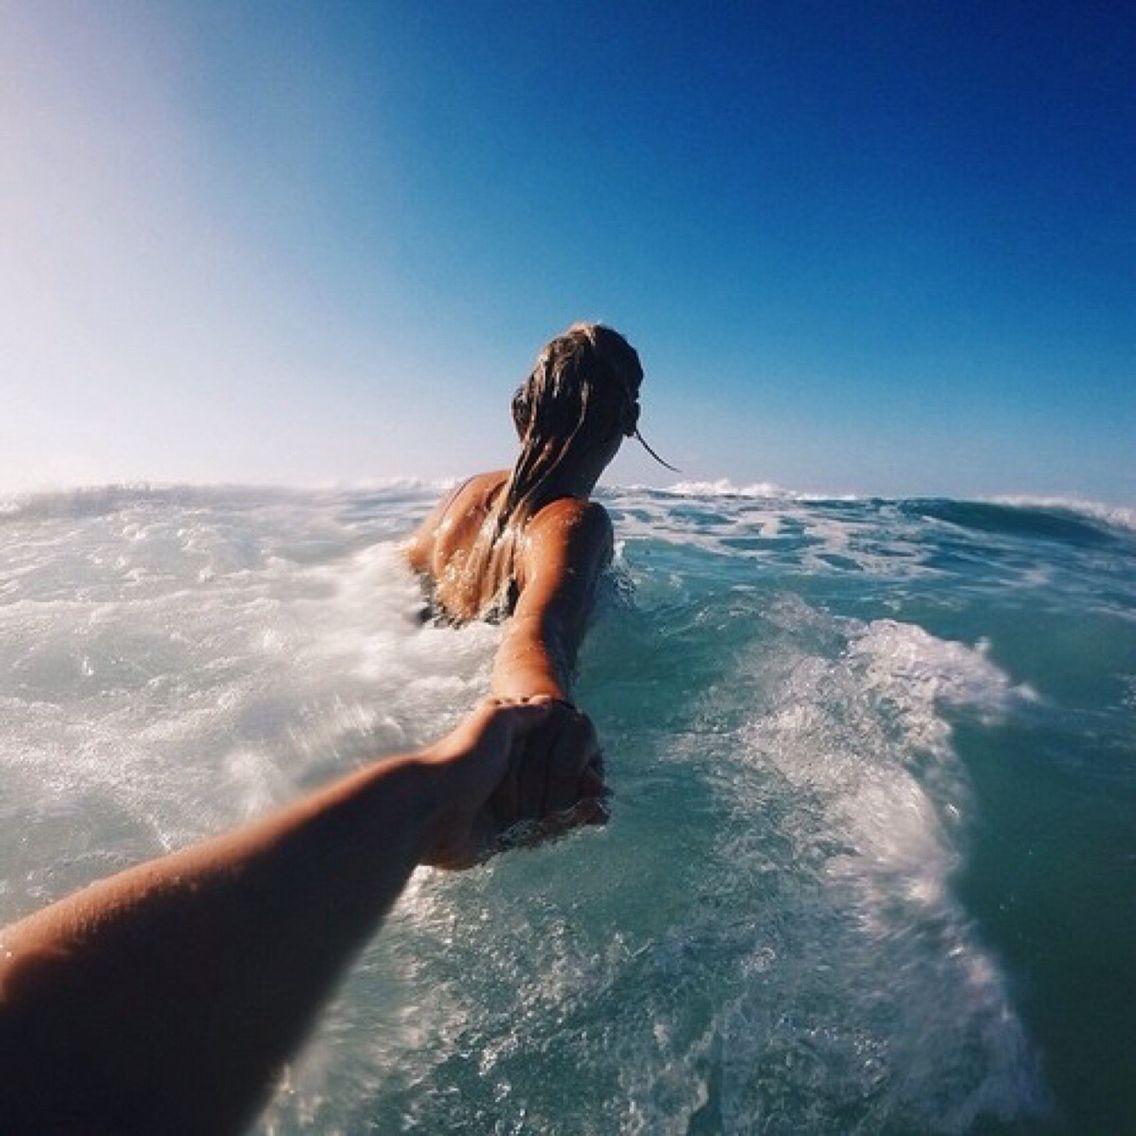 Девушка лица не видно на море